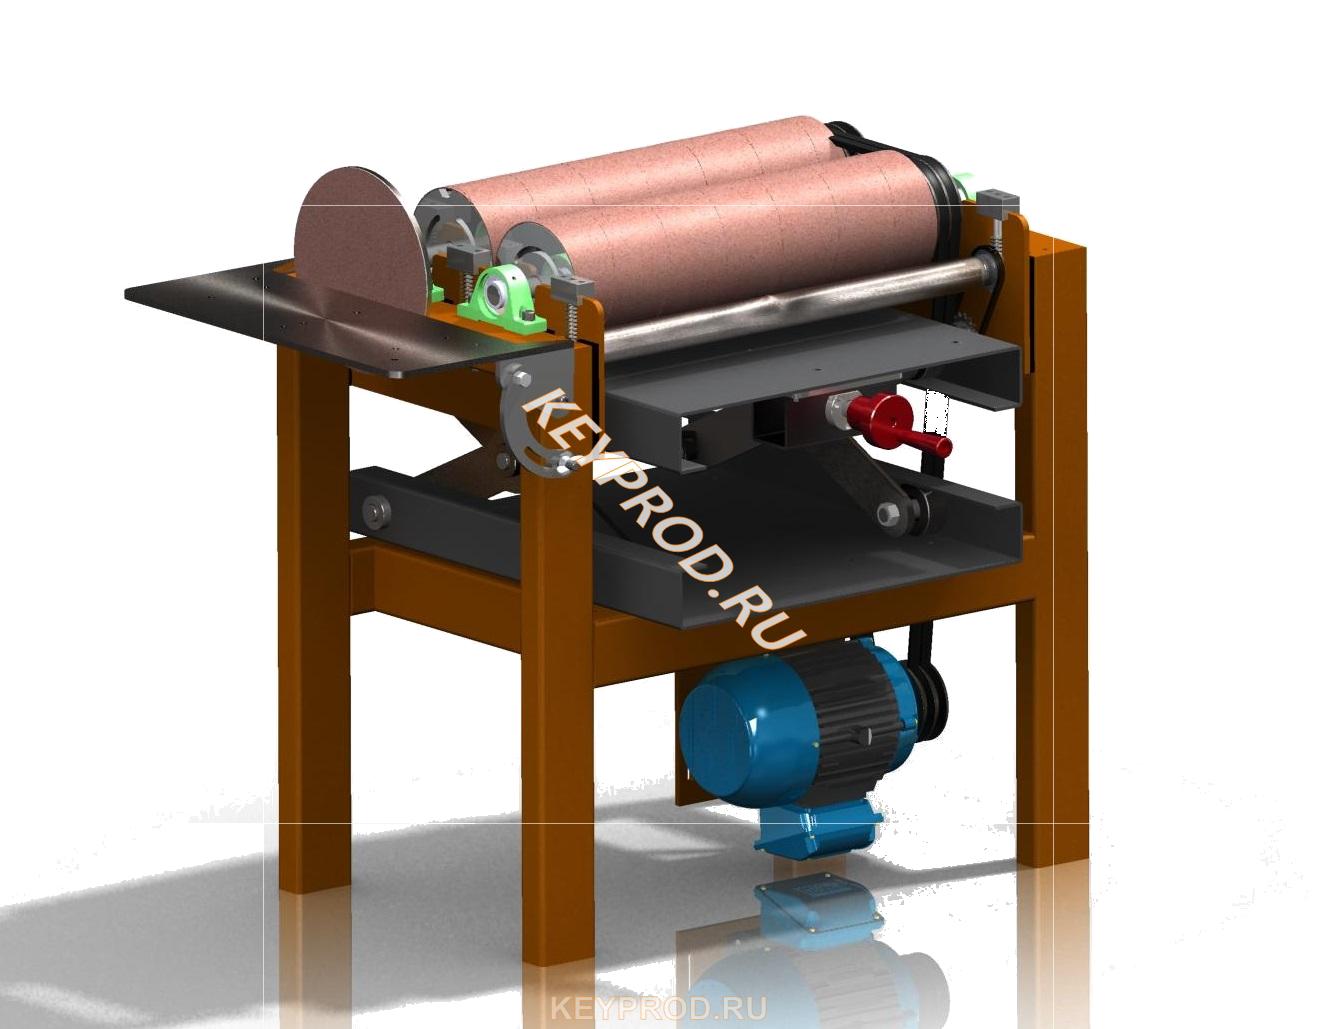 Двухбарабанный шлифовальный станок 3D-модель и чертежи